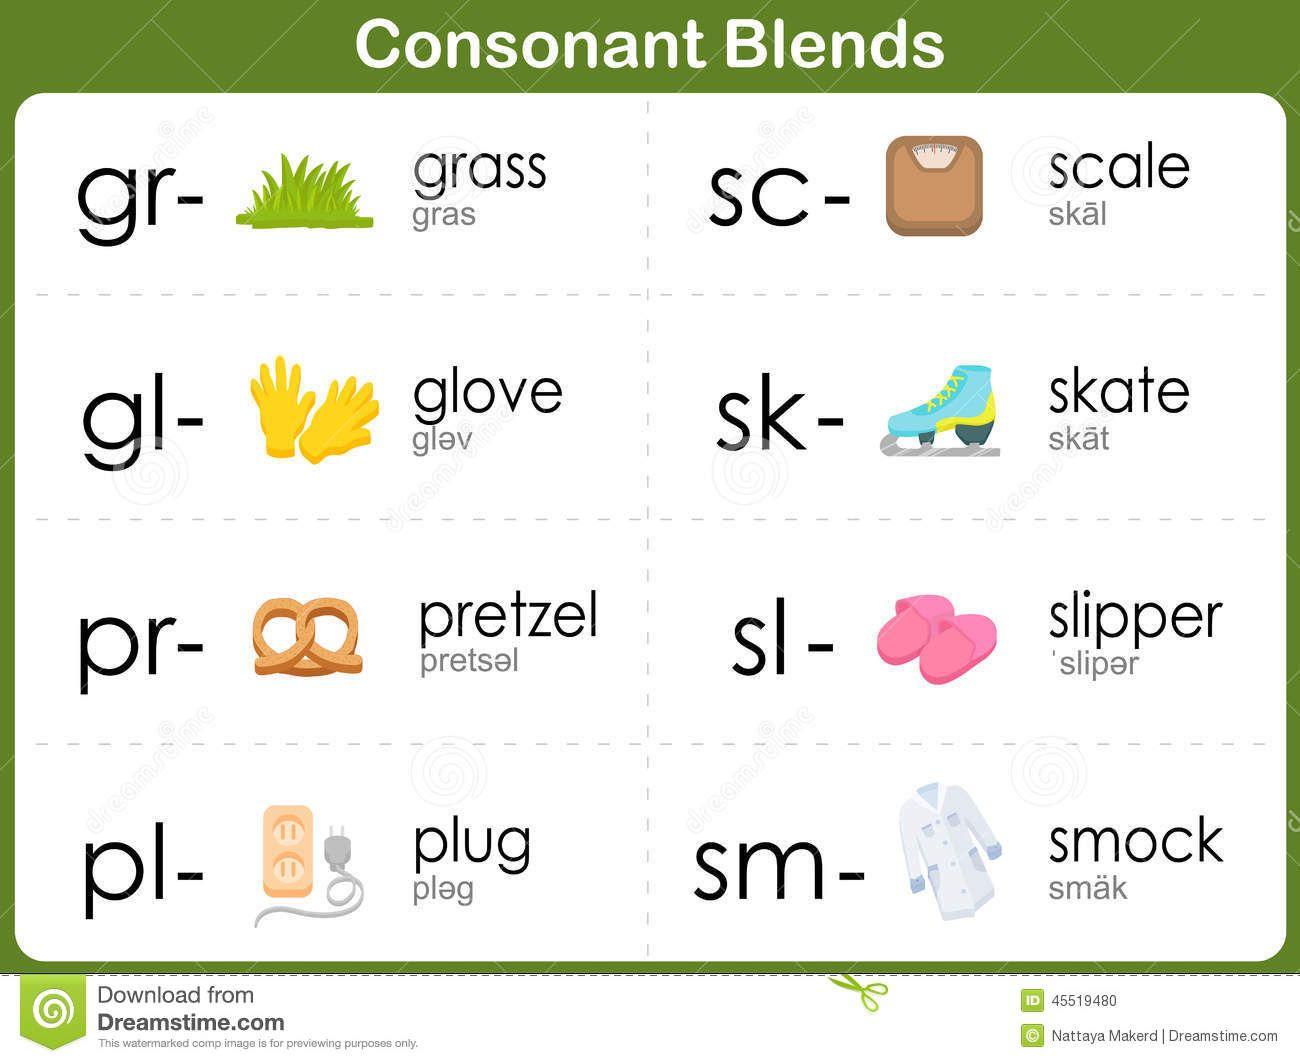 Consonant Blends Worksheet For Kids Stock Vector - Image: 45519480